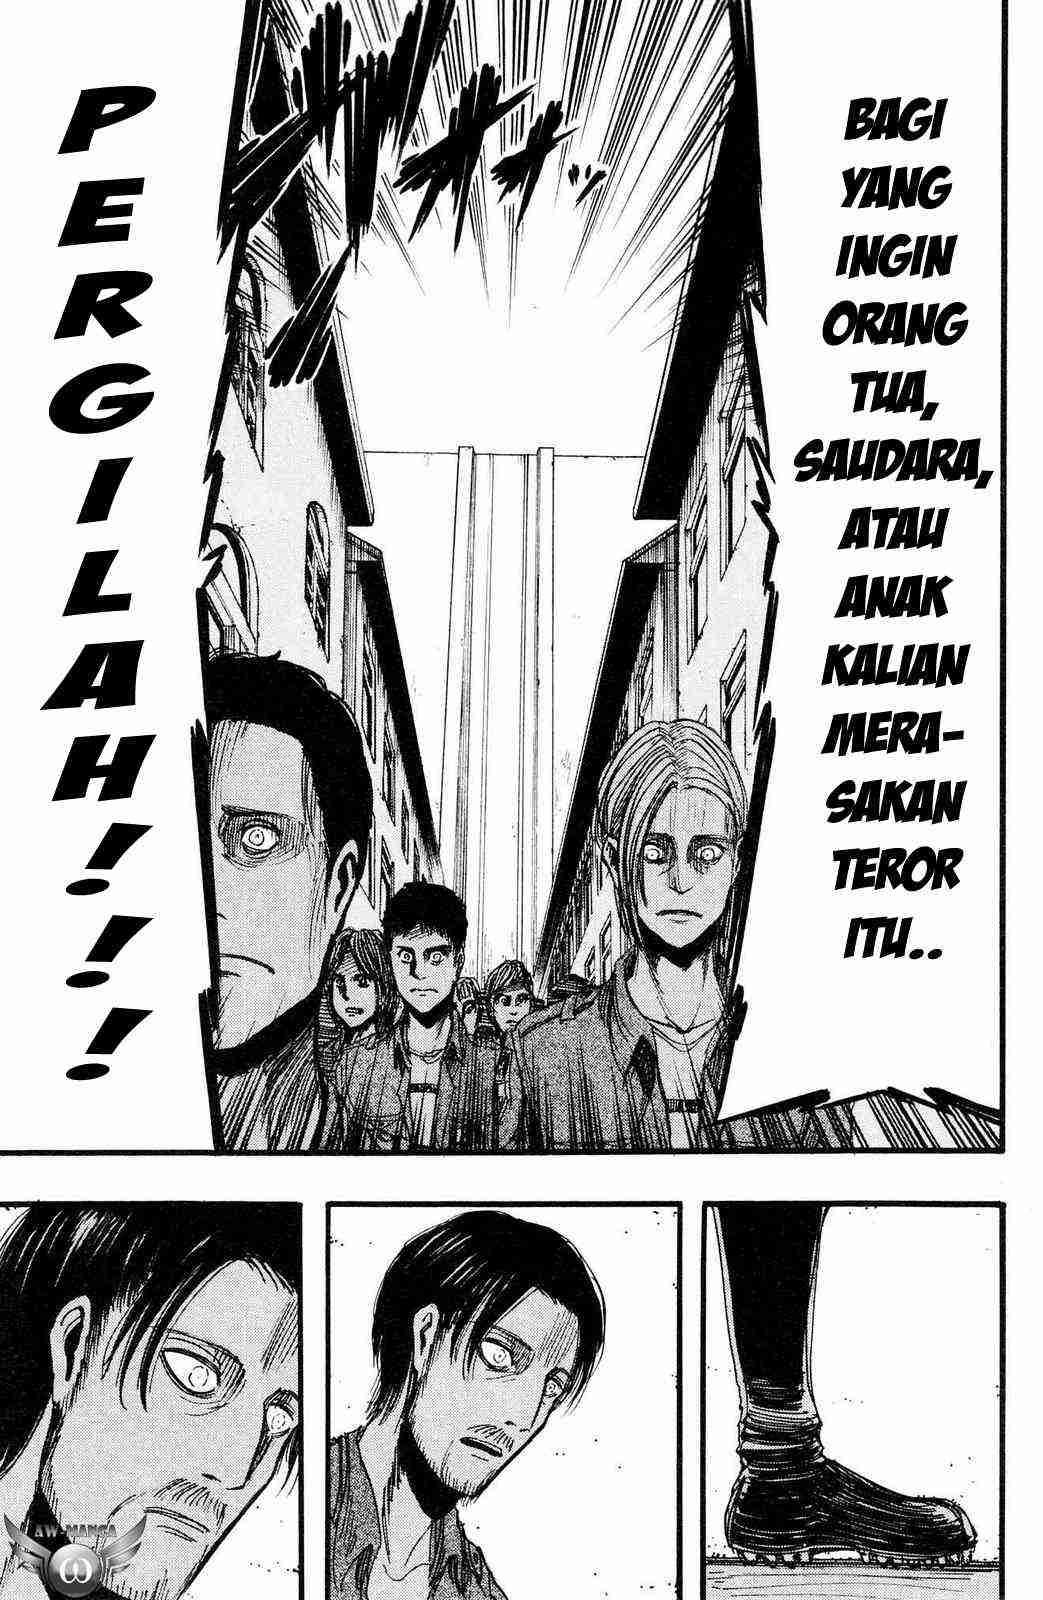 Komik shingeki no kyojin 012 13 Indonesia shingeki no kyojin 012 Terbaru 28|Baca Manga Komik Indonesia|